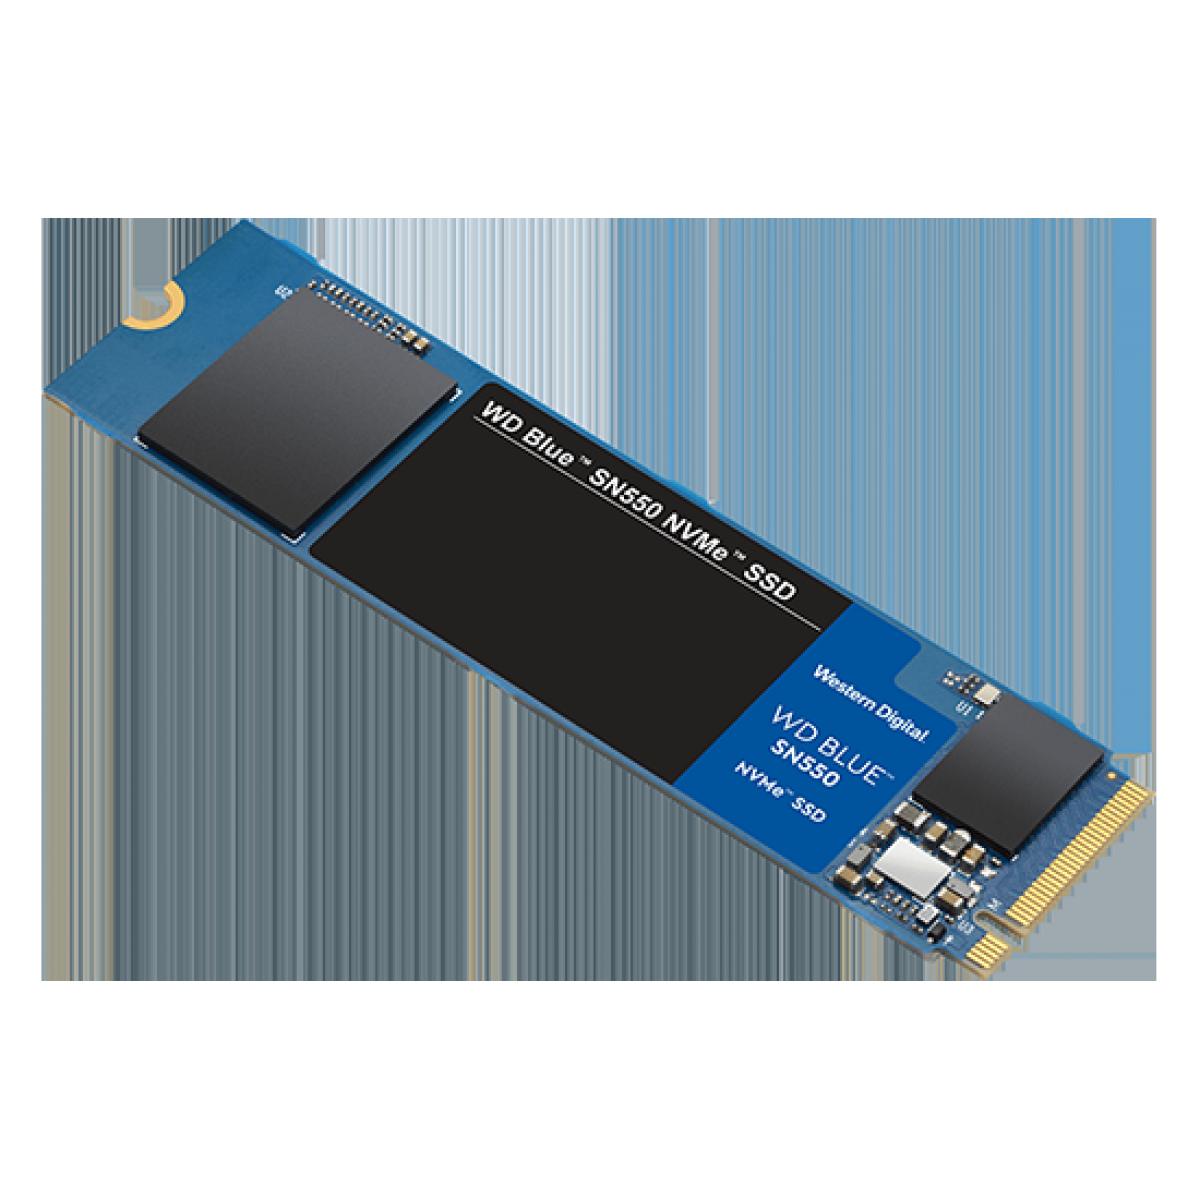 SSD WD Blue SN550 500GB, M.2 2280, NVME, Leitura 2400MBs e Gravação 1750MBs, WDS500G2B0C